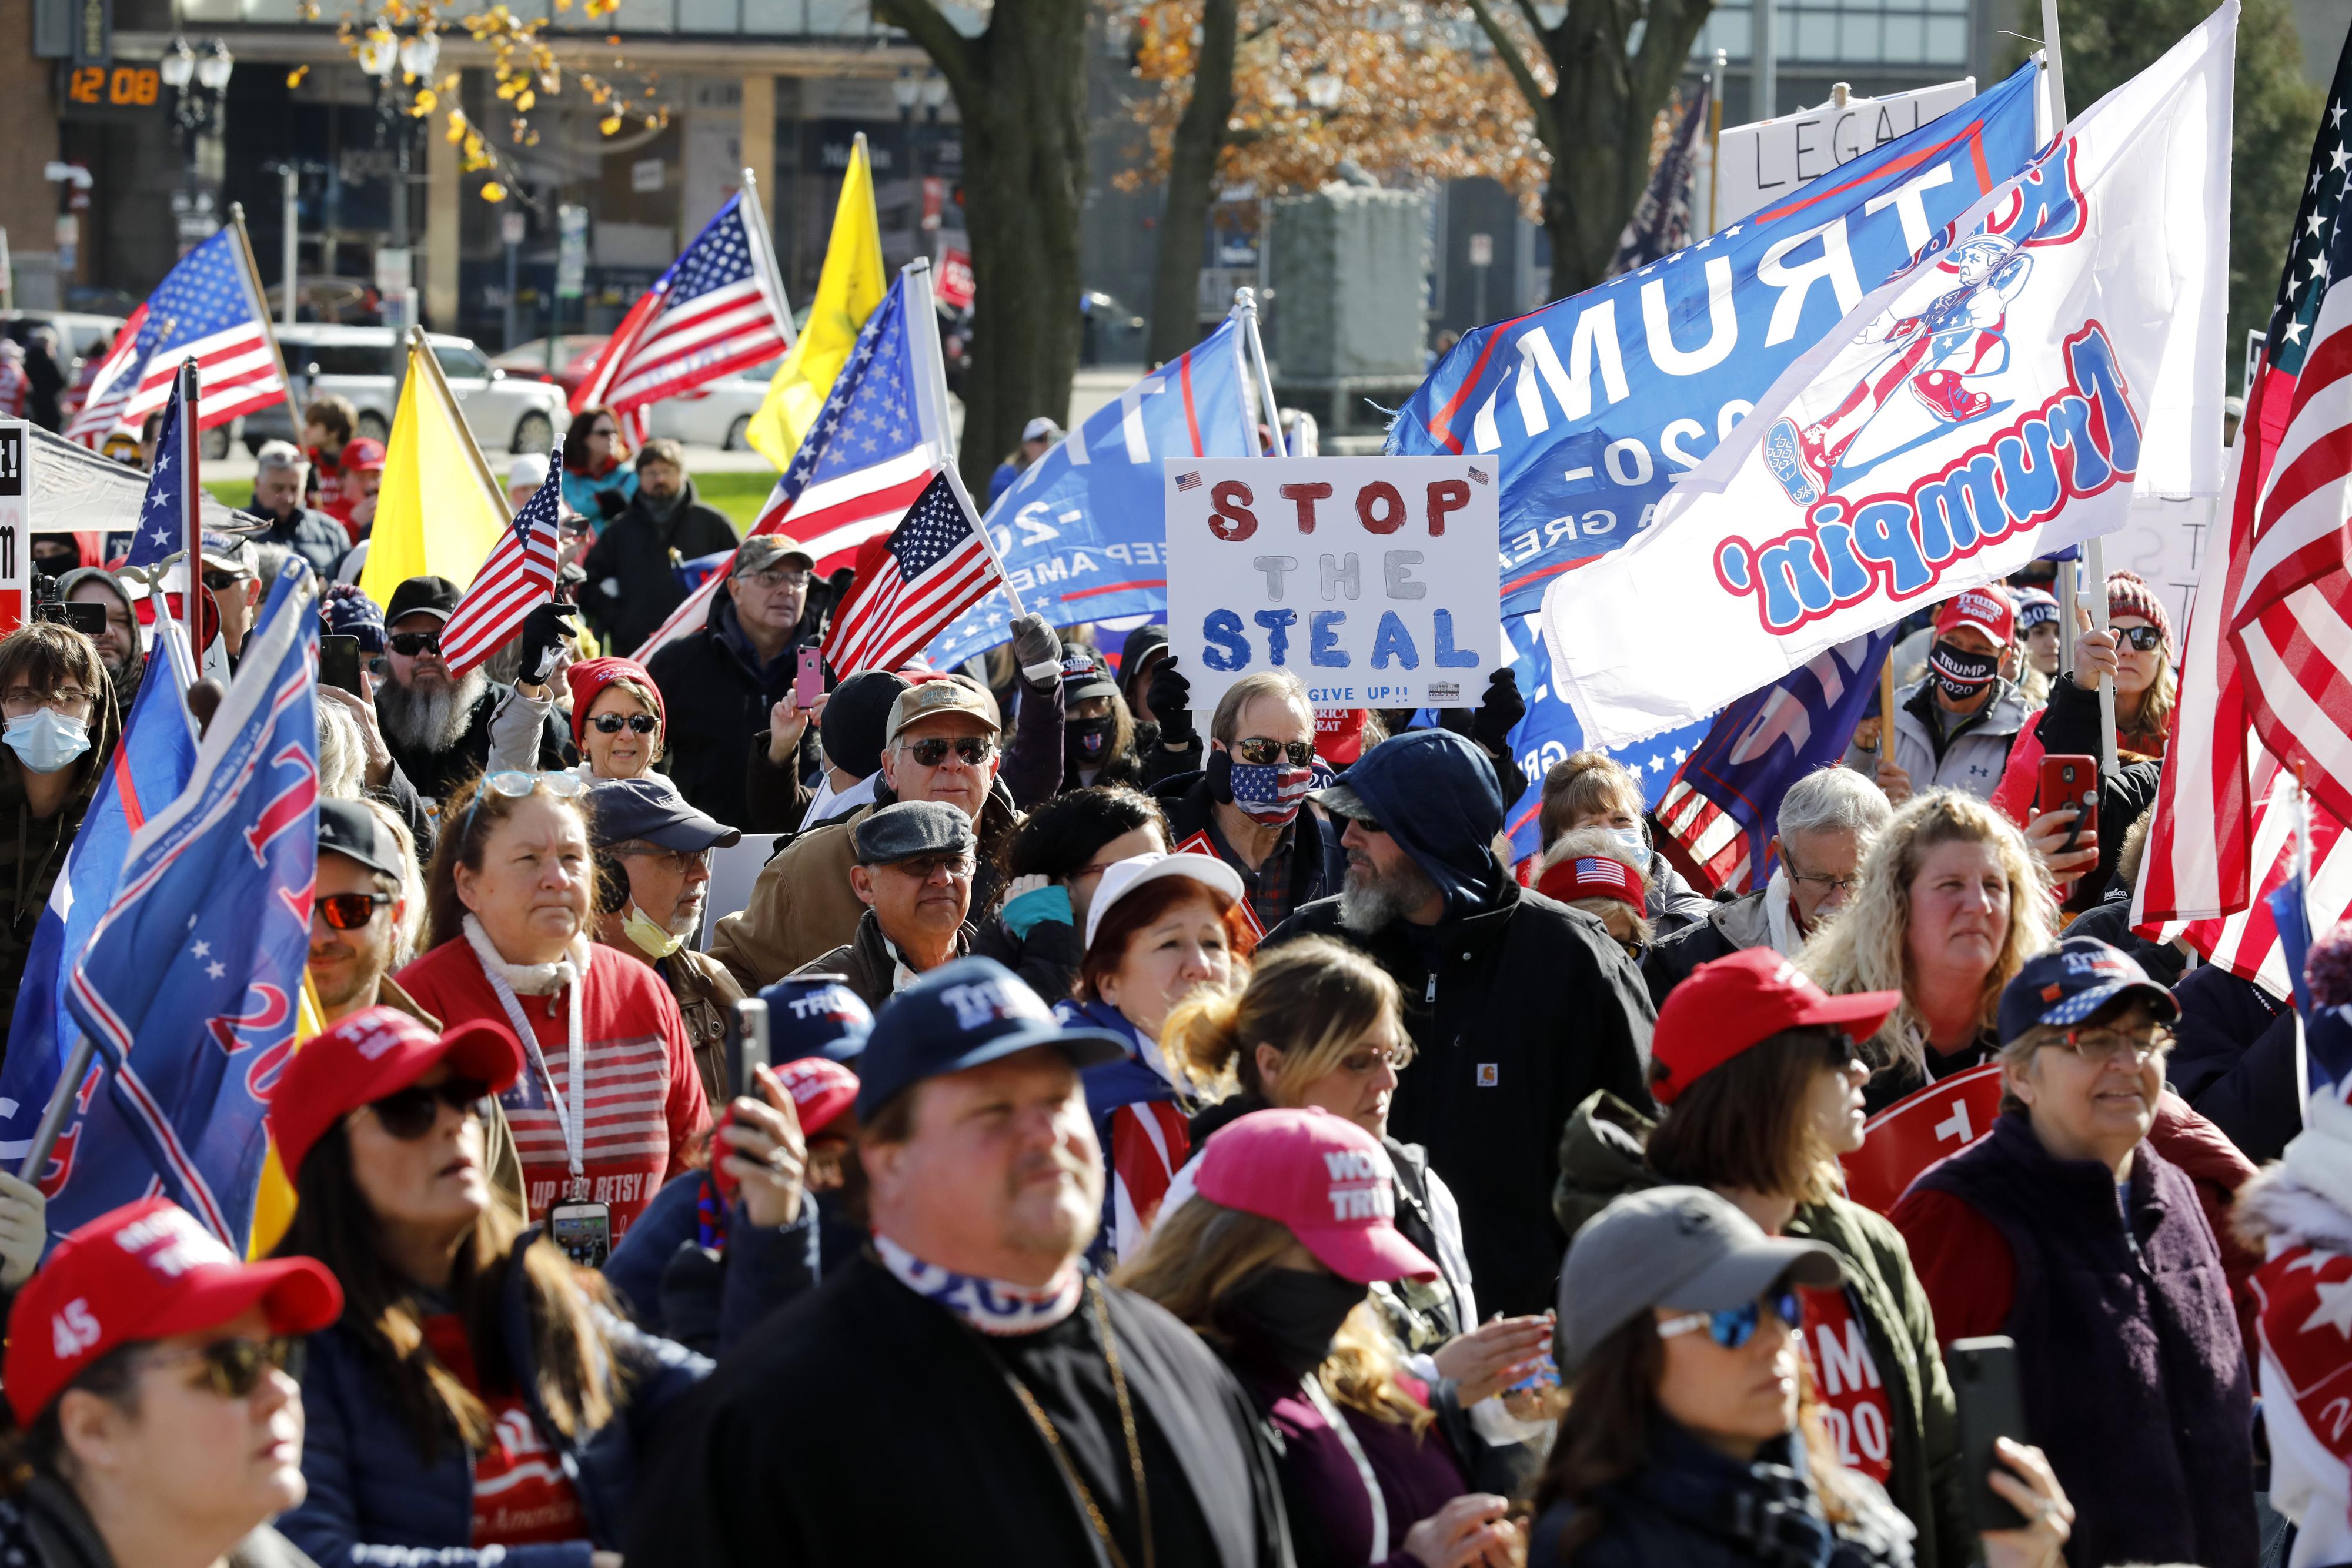 BLM和安提法支持者襲擊挺特民眾